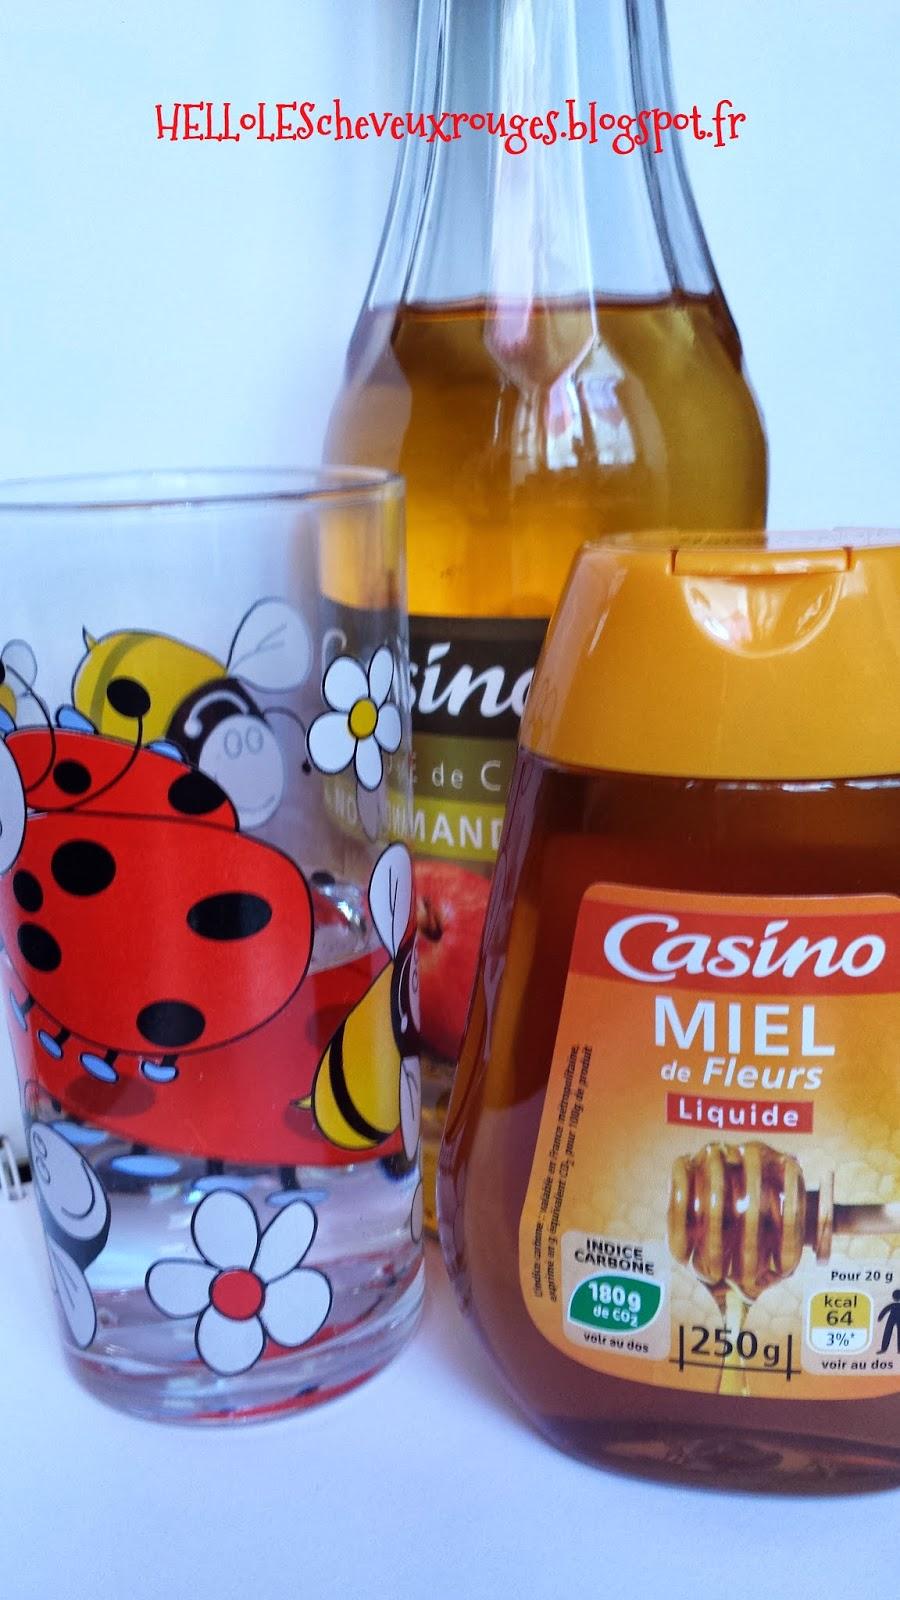 ingrédients qu'il faut vinaigre de cidre bio, miel et verre d'eau tiède